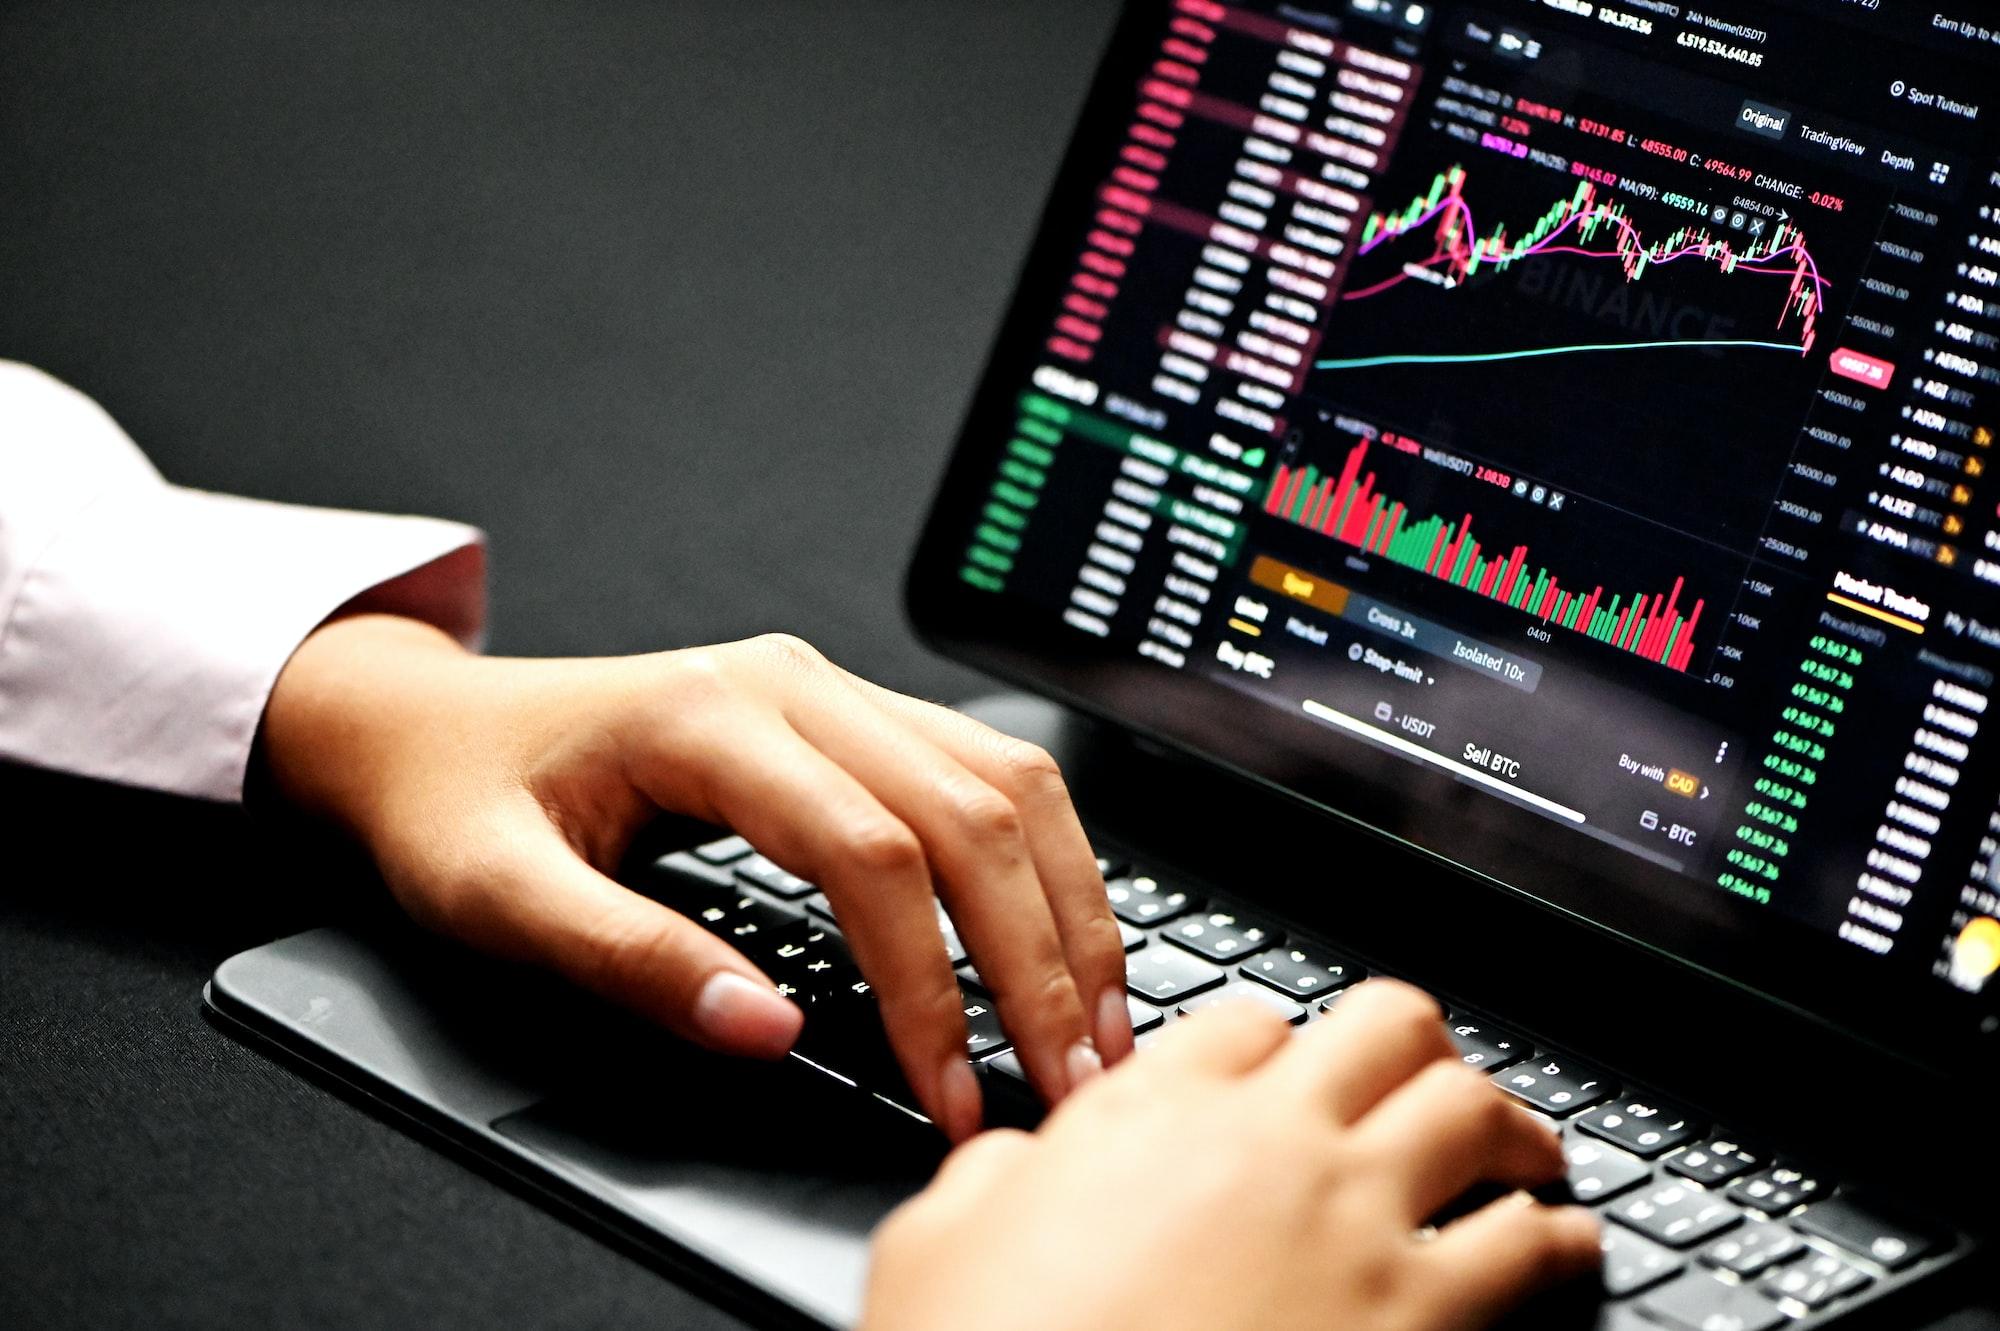 Przegląd rynku akcji i kryptowalut - wideo